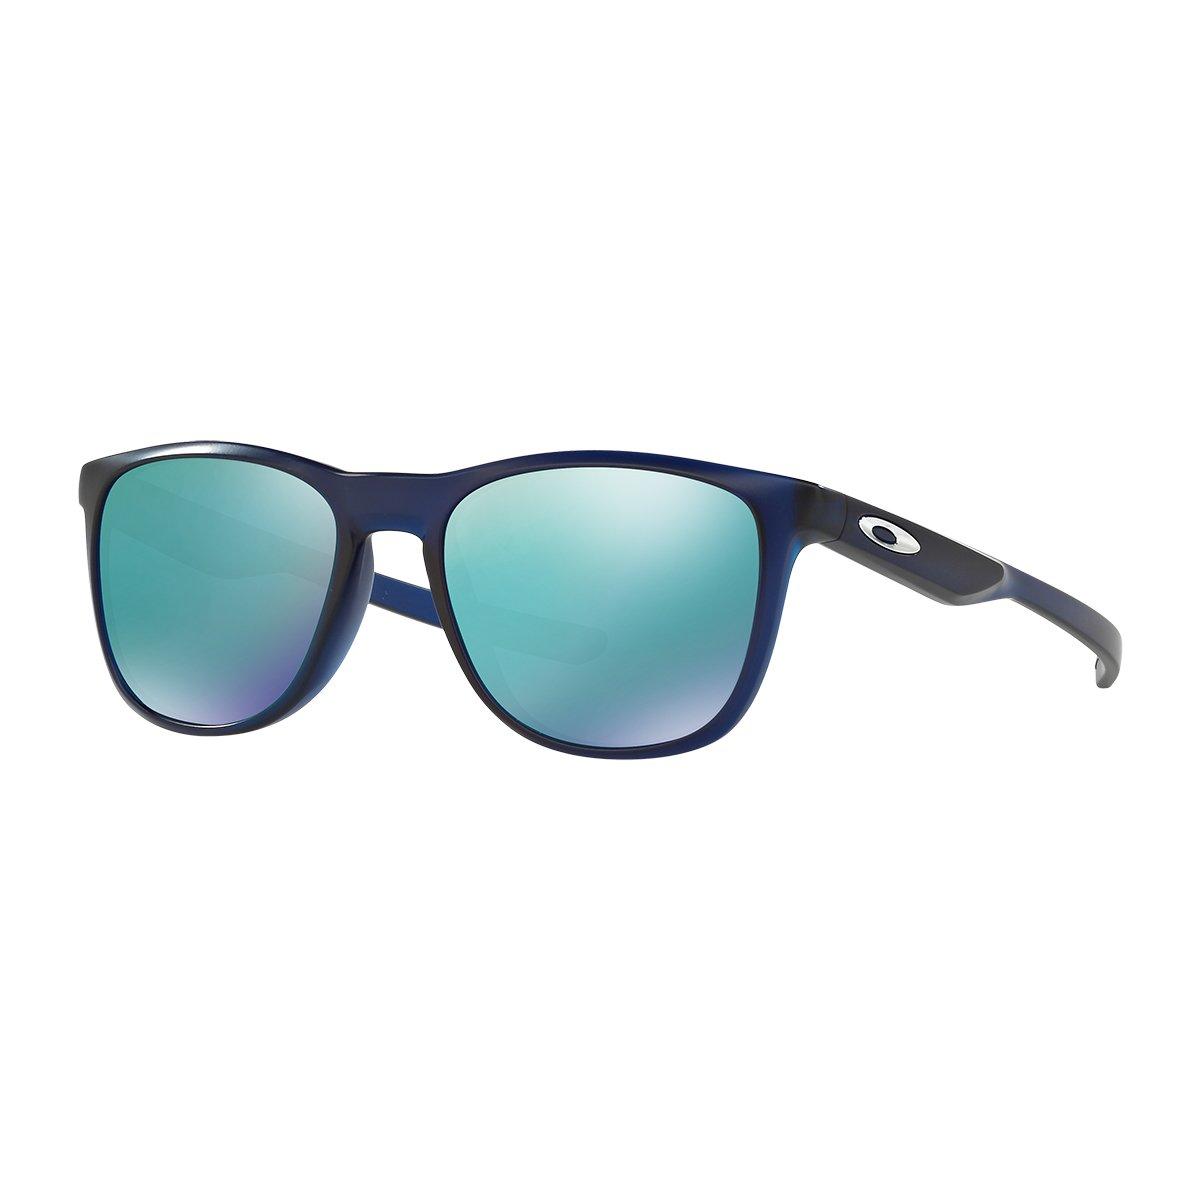 (オークリー) OAKLEY サングラス メンズ TRILLBE X B01KAH54IK US One Size-(FREE サイズ)|MATTE TRANSLUCENT SKY BLUE MATTE TRANSLUCENT SKY BLUE US One Size-(FREE サイズ)